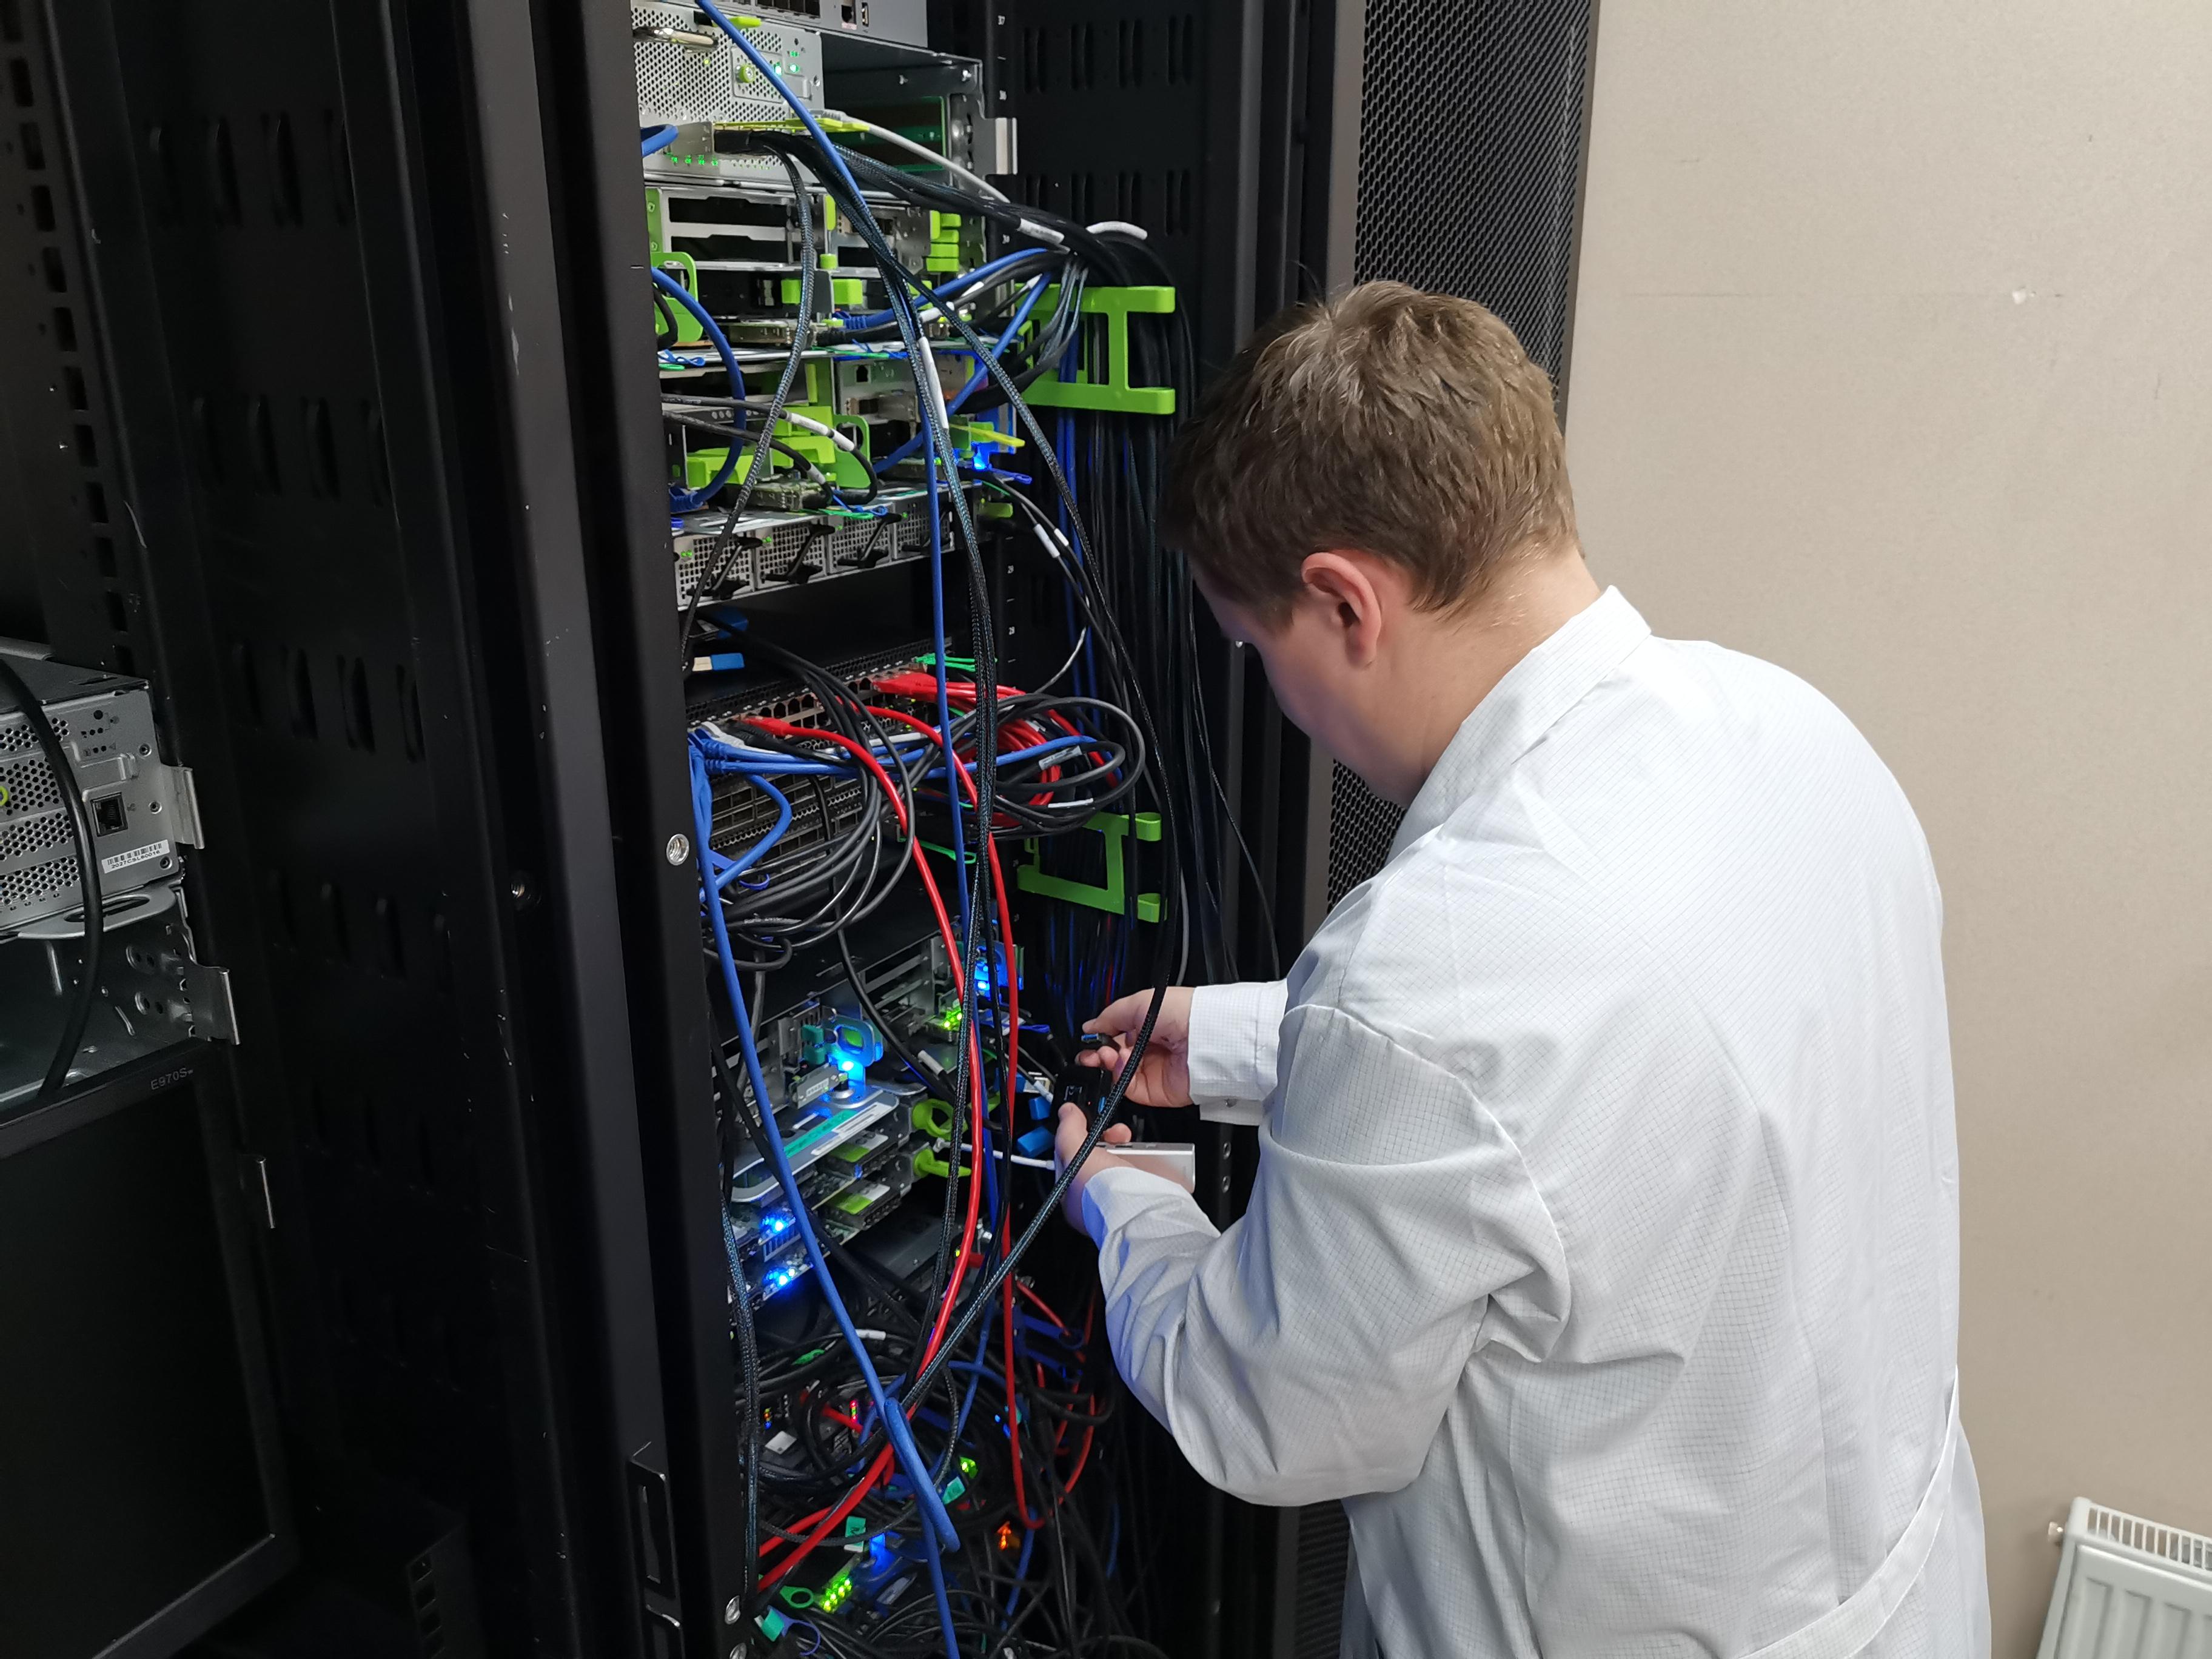 Монтаж очередного сервера в стойку